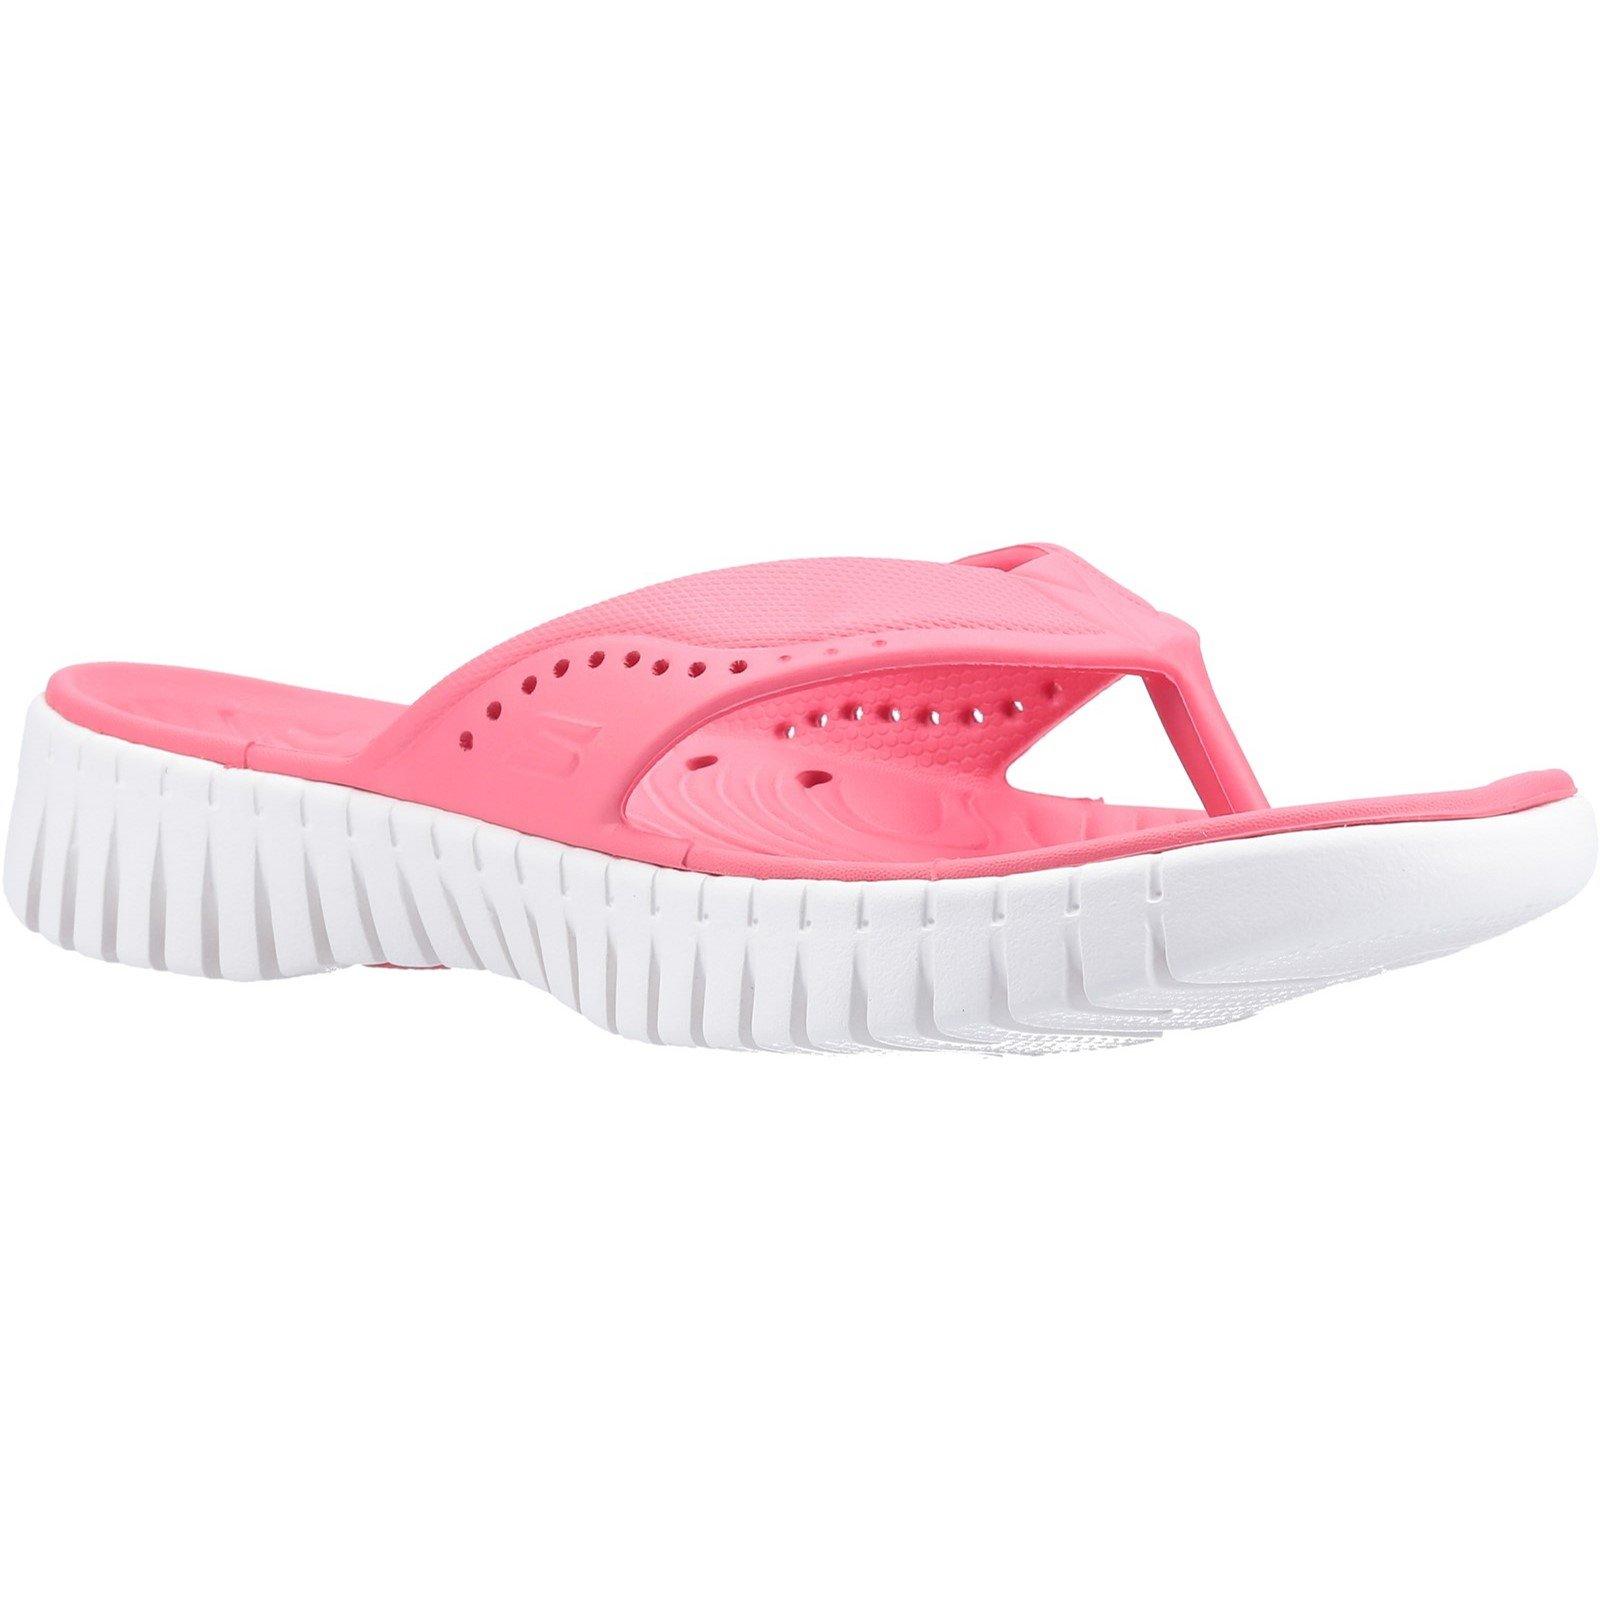 Skechers Women's GOwalk Smart Mahalo Sandal Various Colours 32371 - Coral 8